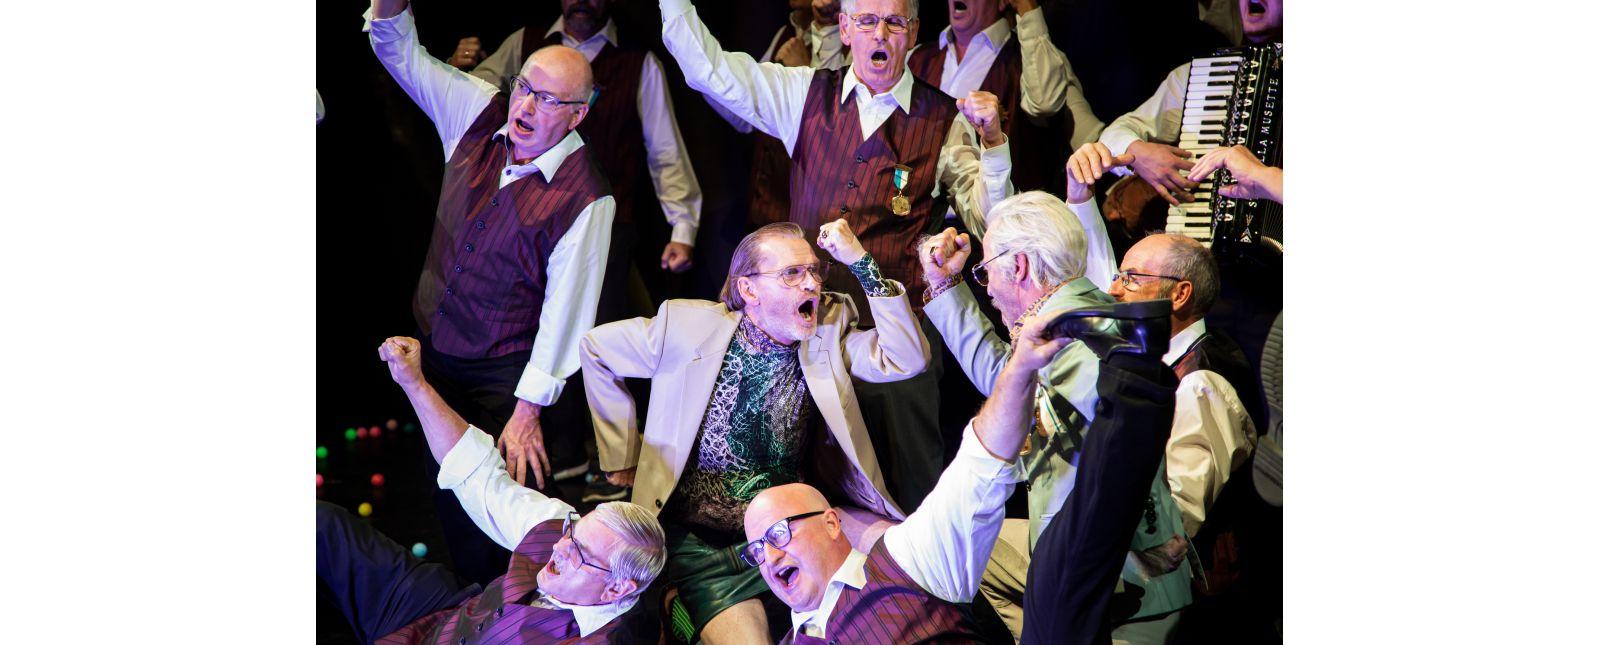 KASIMIR UND KAROLINE // Chor (u.a. Liederkranz Zähringen / Männergesangverein Bischoffingen / Sängerbund Oberrotweil / O-Ton Bahlingen / Liederkranz Staufen) / Michael Witte / Henry Meyer // 2019 // Laura Nickel